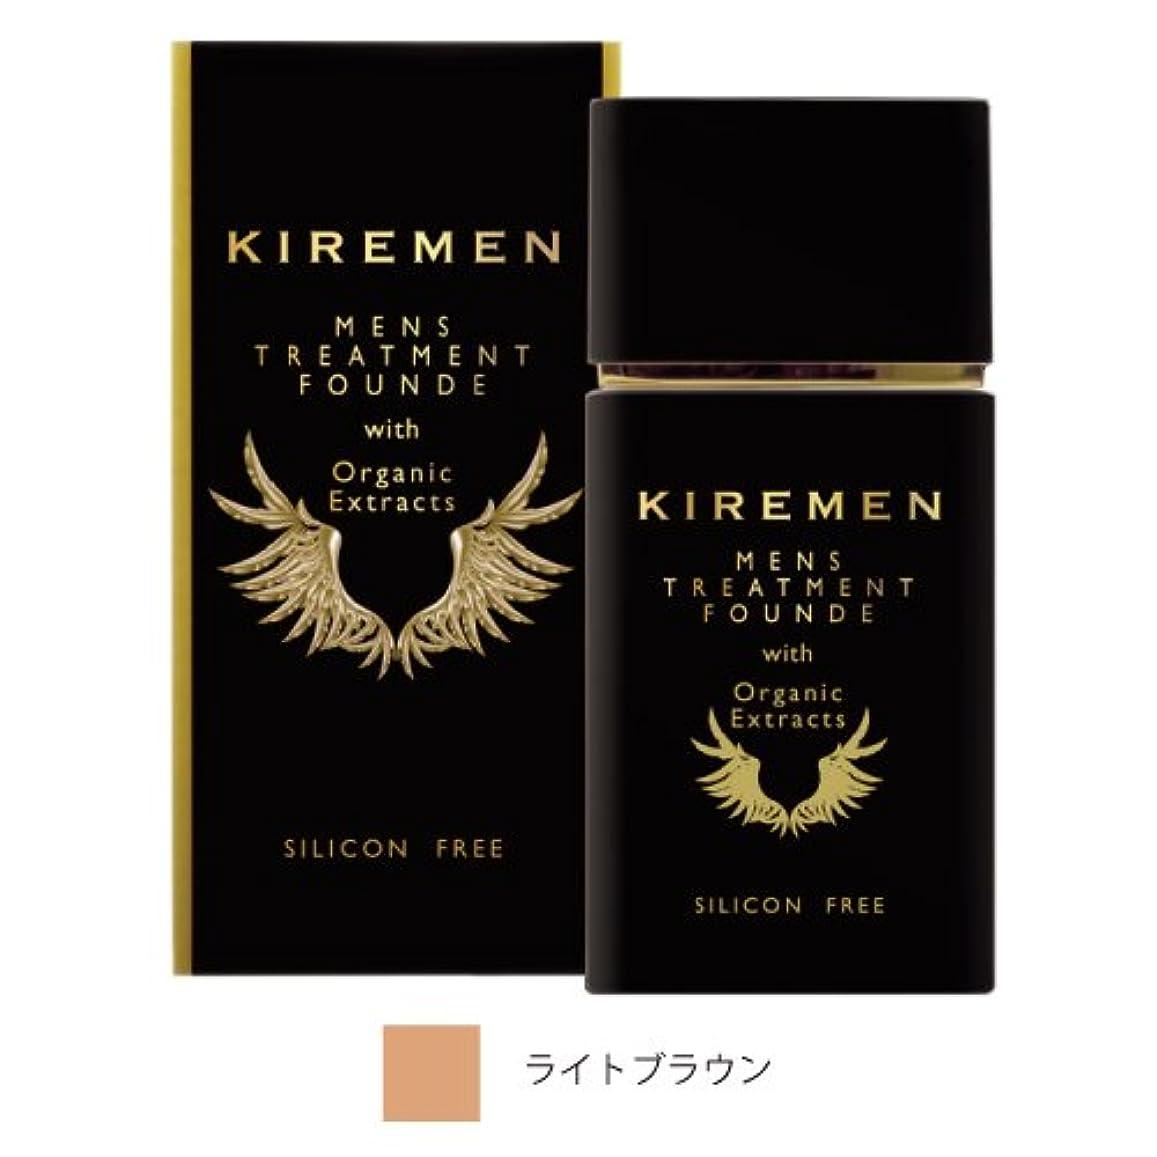 文句を言う技術モスキレメン KIREMEN メンズファンデーション (ライトブラウン)